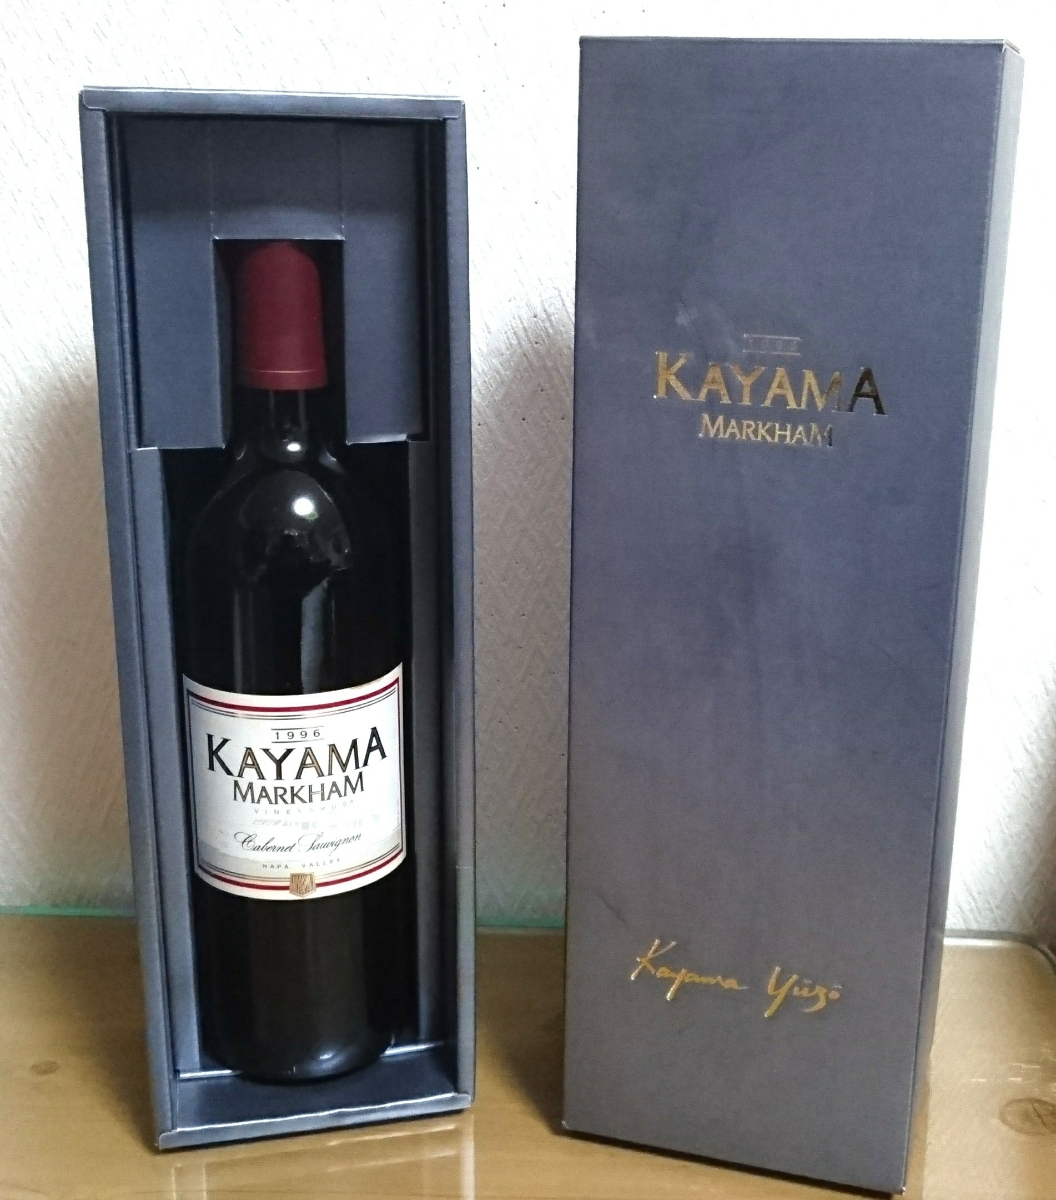 加山雄三 40周年記念 マーカム カベルネ・ソーヴィニヨン 1996年 赤ワイン 750ml_画像1